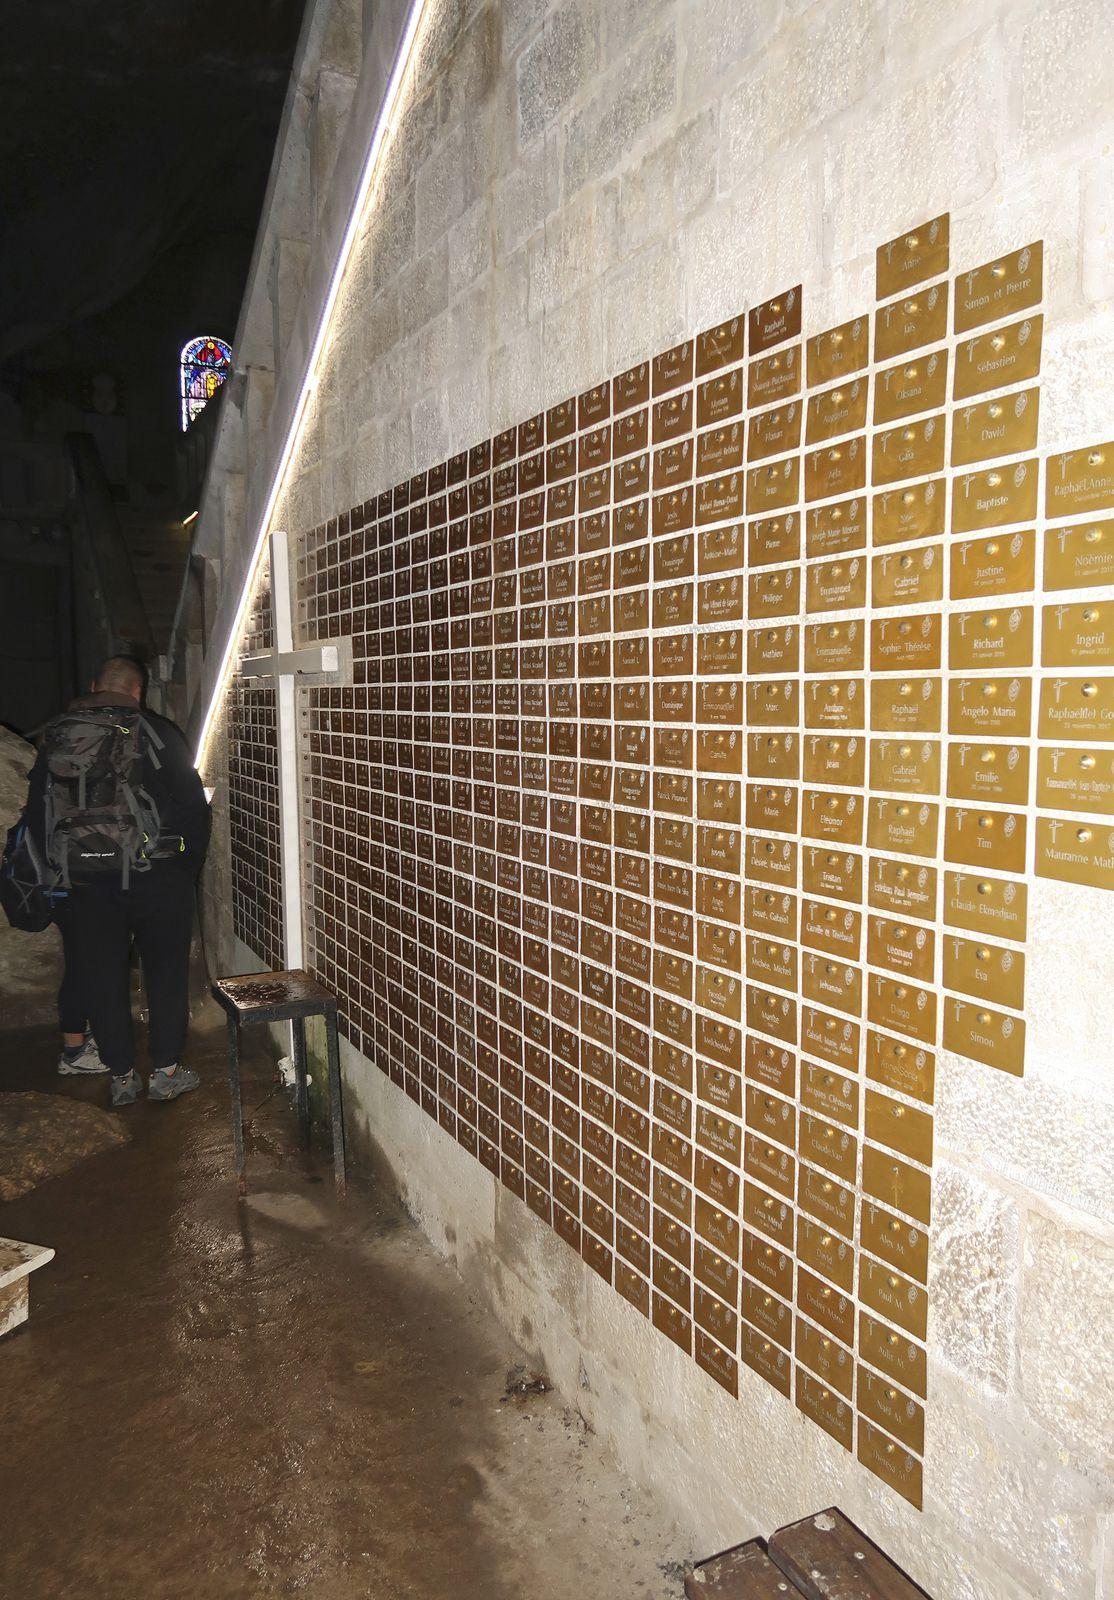 L'une des particularités de ce lieu de pèlerinage est ce mur recouvert de plaques dédiées à la mémoire d'enfants morts-nés. La plupart ne portent qu'une date, parfois aucune.